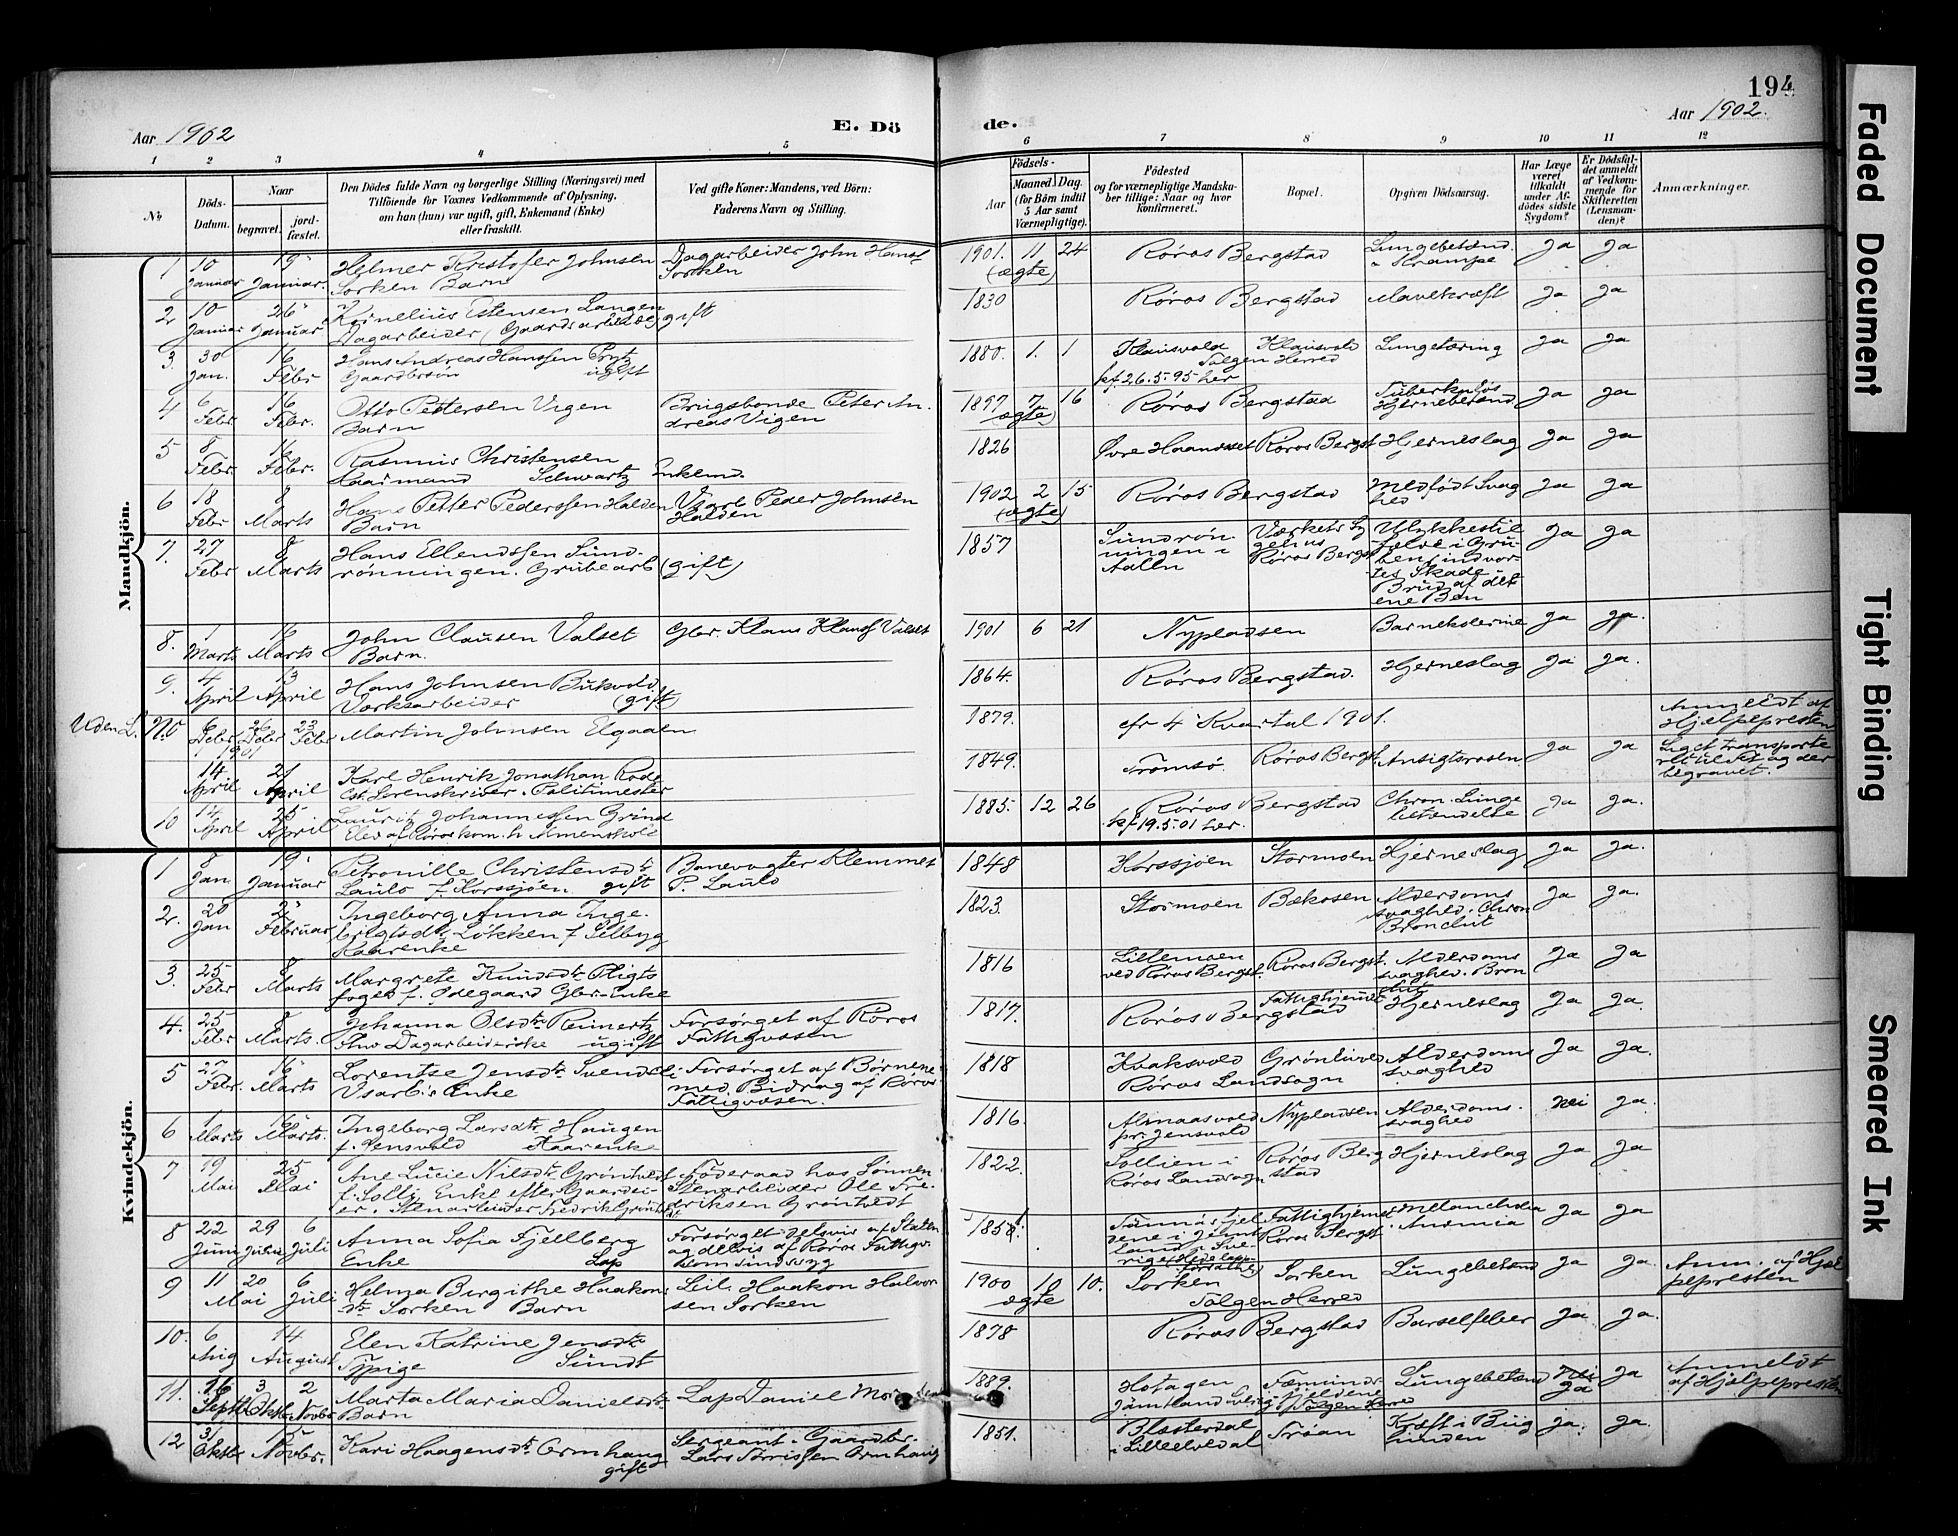 SAT, Ministerialprotokoller, klokkerbøker og fødselsregistre - Sør-Trøndelag, 681/L0936: Ministerialbok nr. 681A14, 1899-1908, s. 194